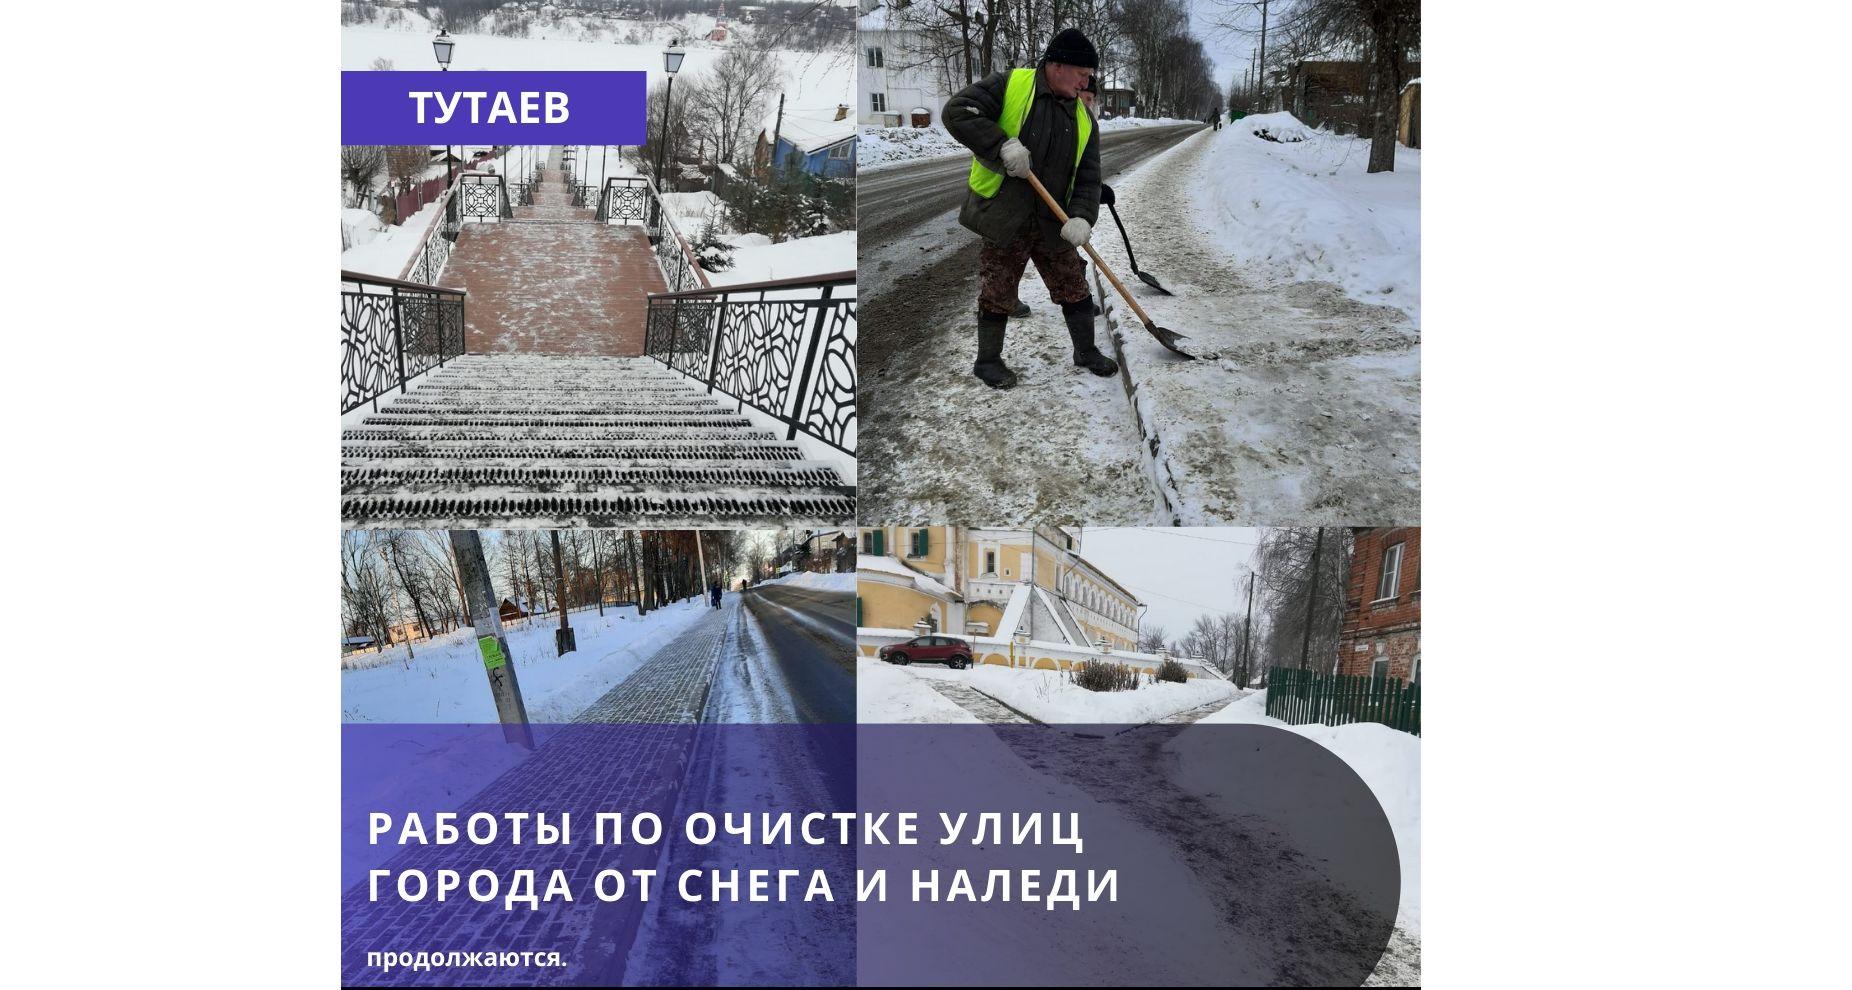 400 единиц техники боролись со снегом: как убирали дороги в Ярославской области на минувшей неделе